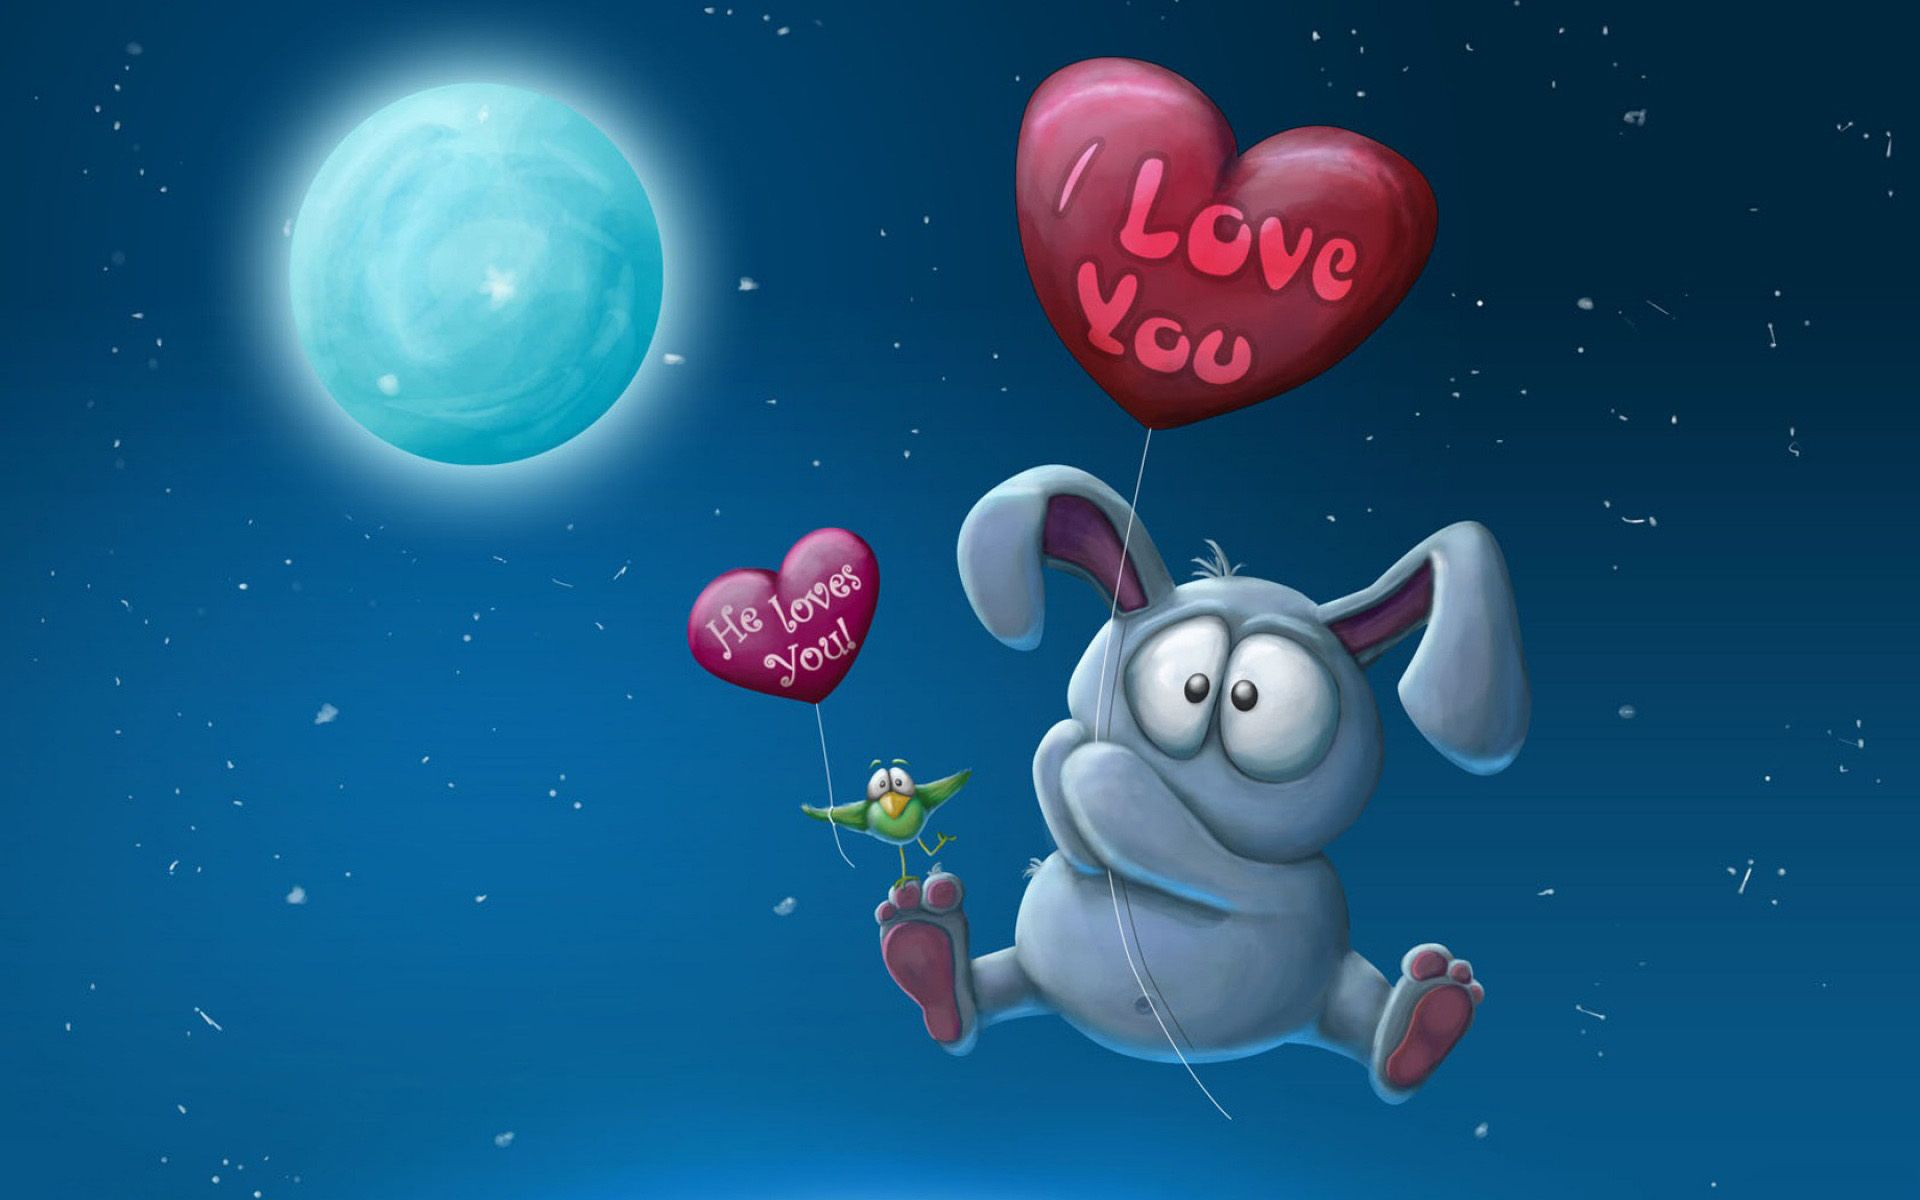 Прикольные картинки для любимого о любви, вижу веселую открытку